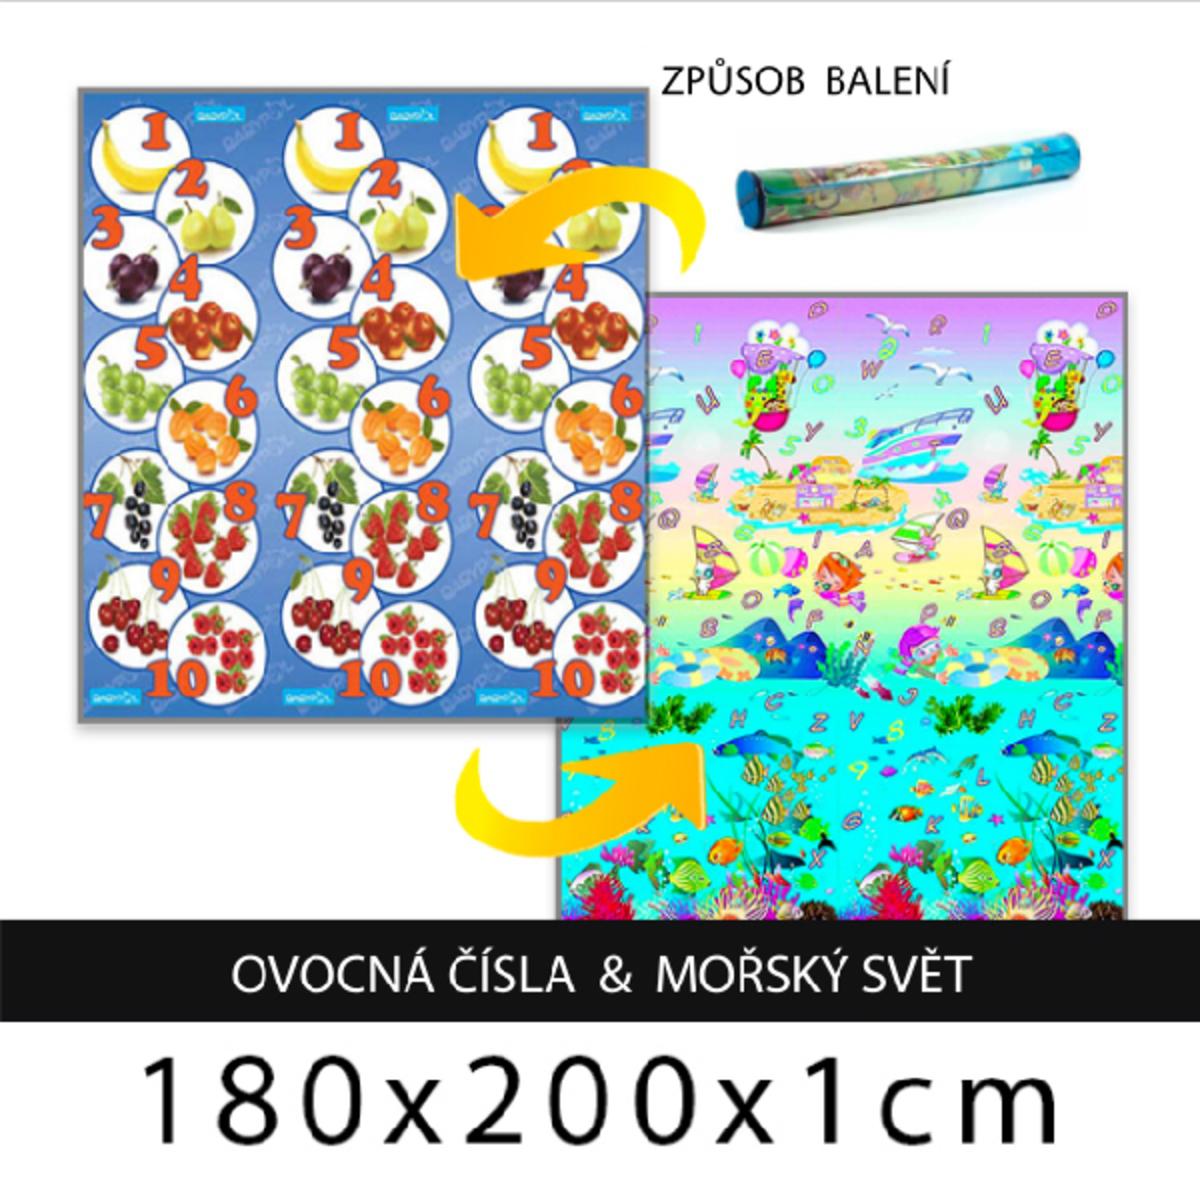 Detský penový koberec - ovocné čísla + morský svet 180x200x1 cm